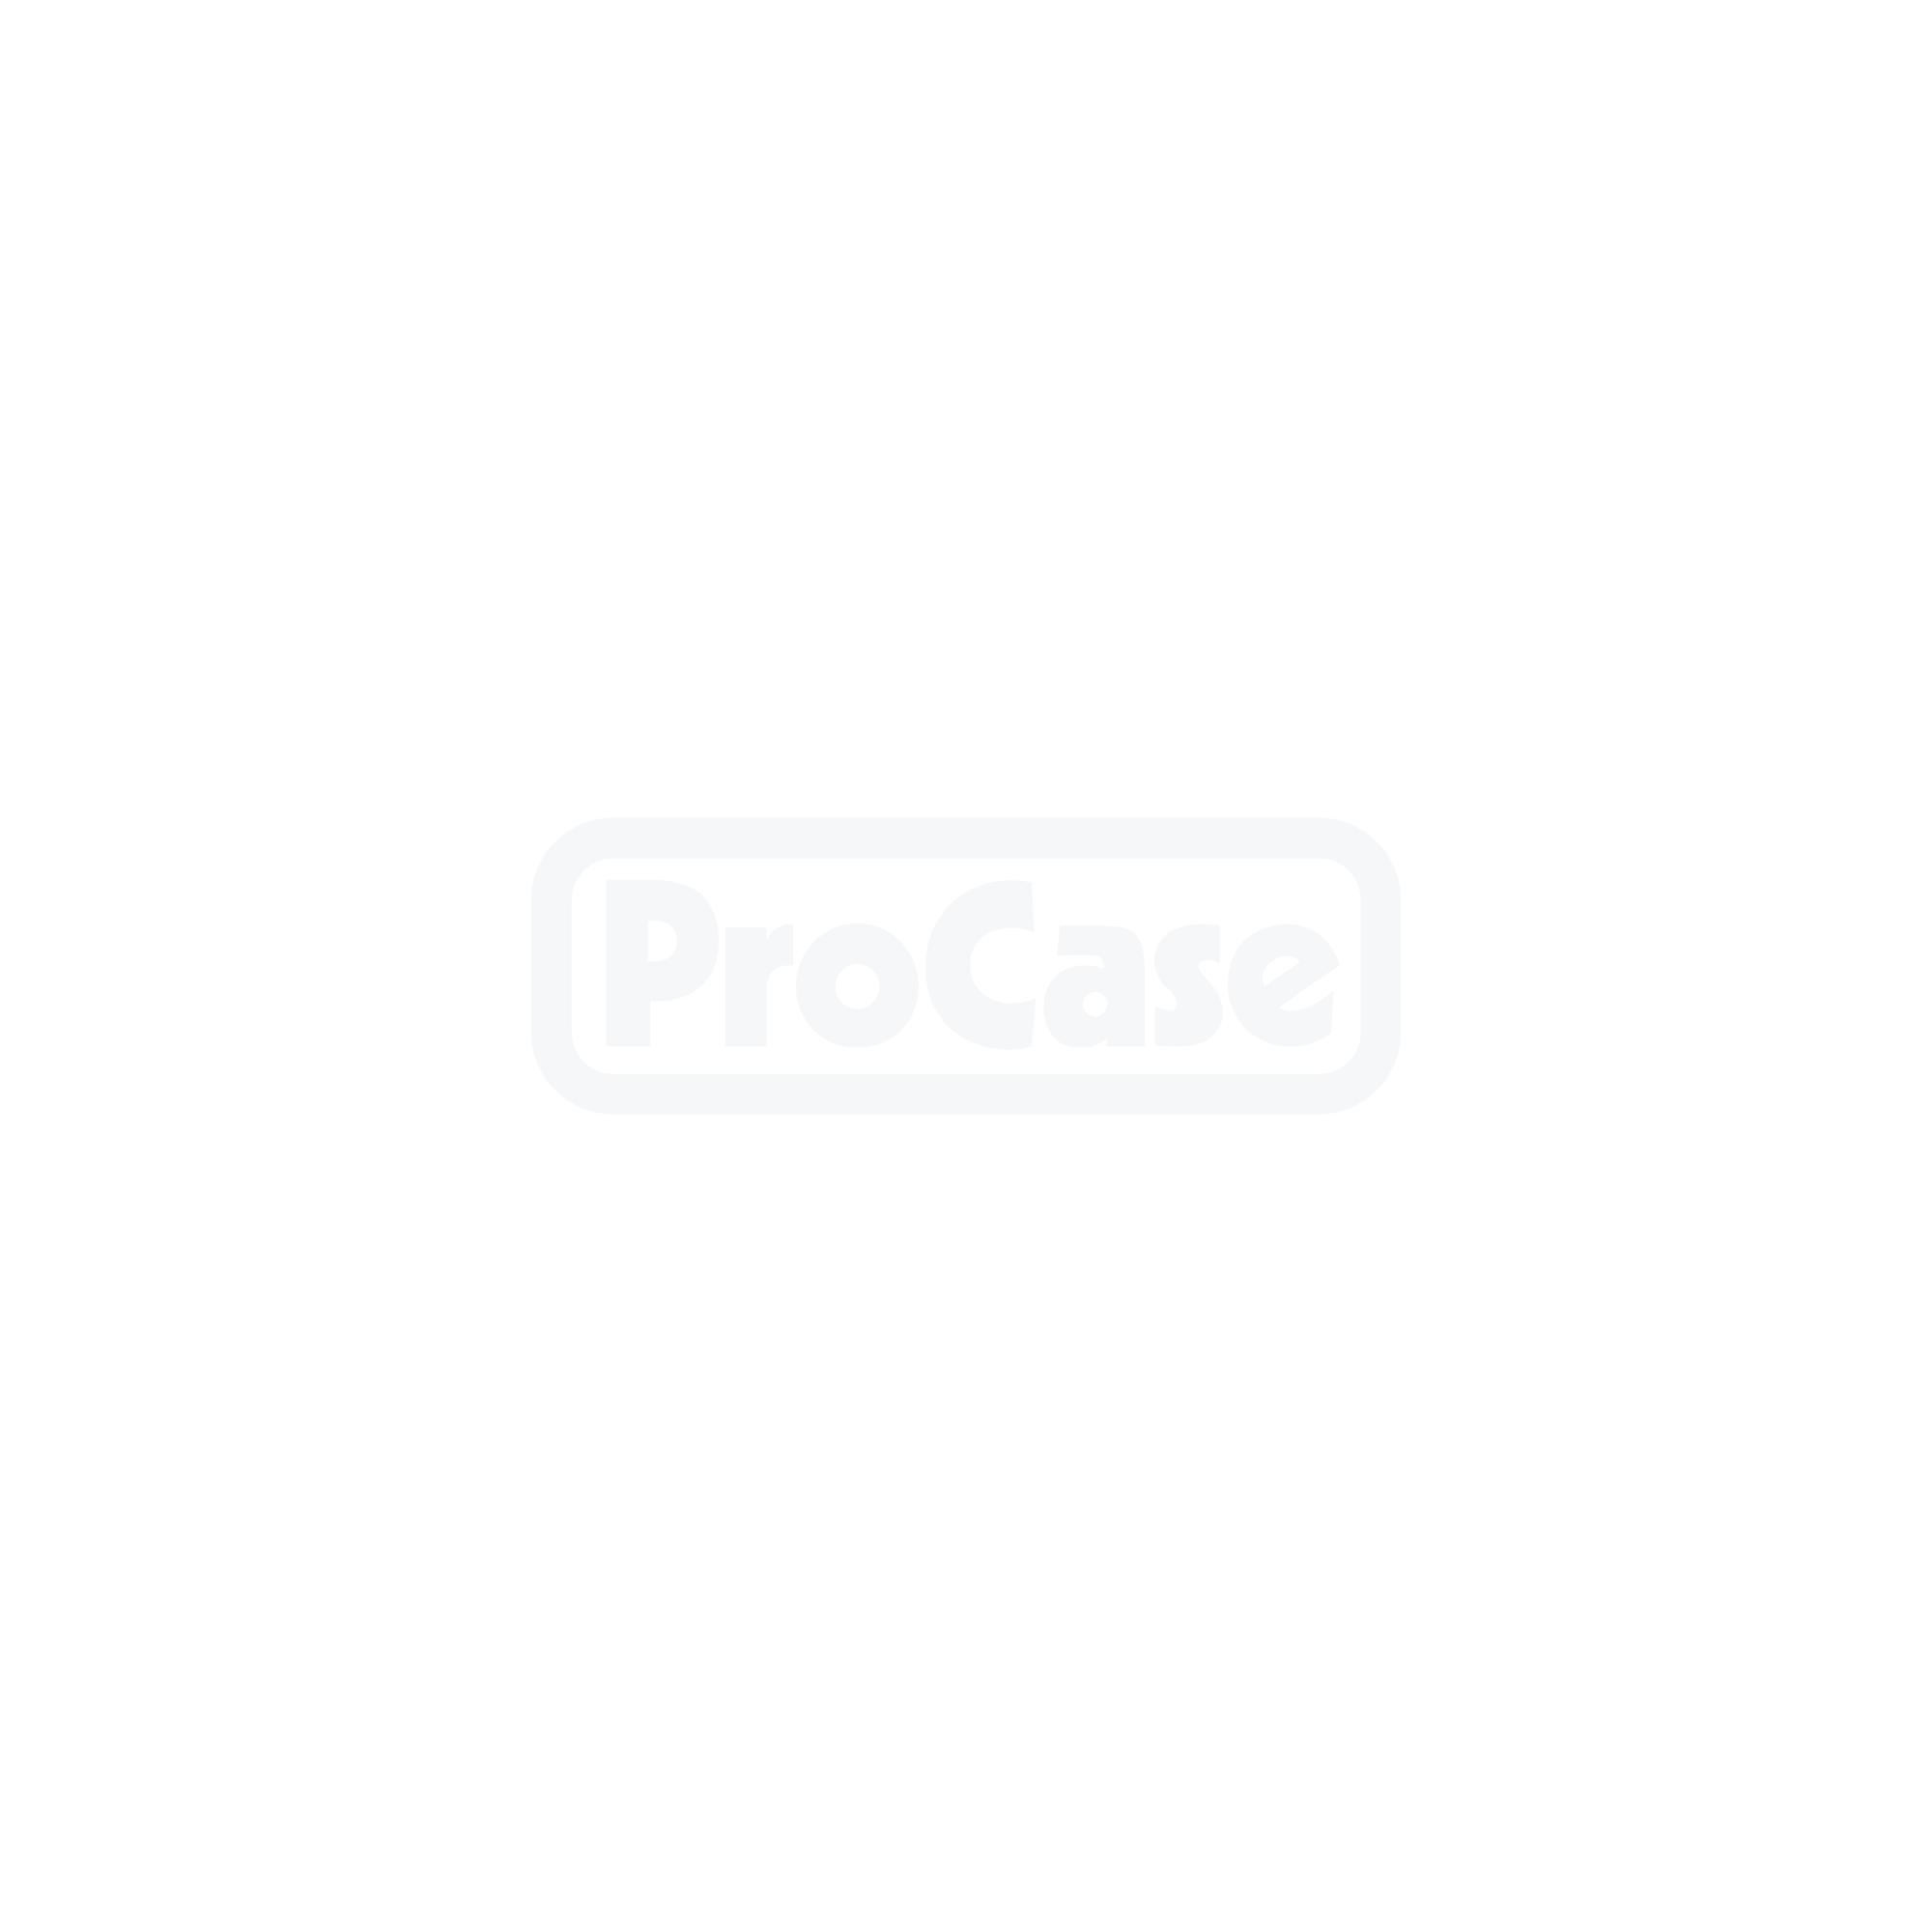 SKB 3i Koffer 0806-3 leer